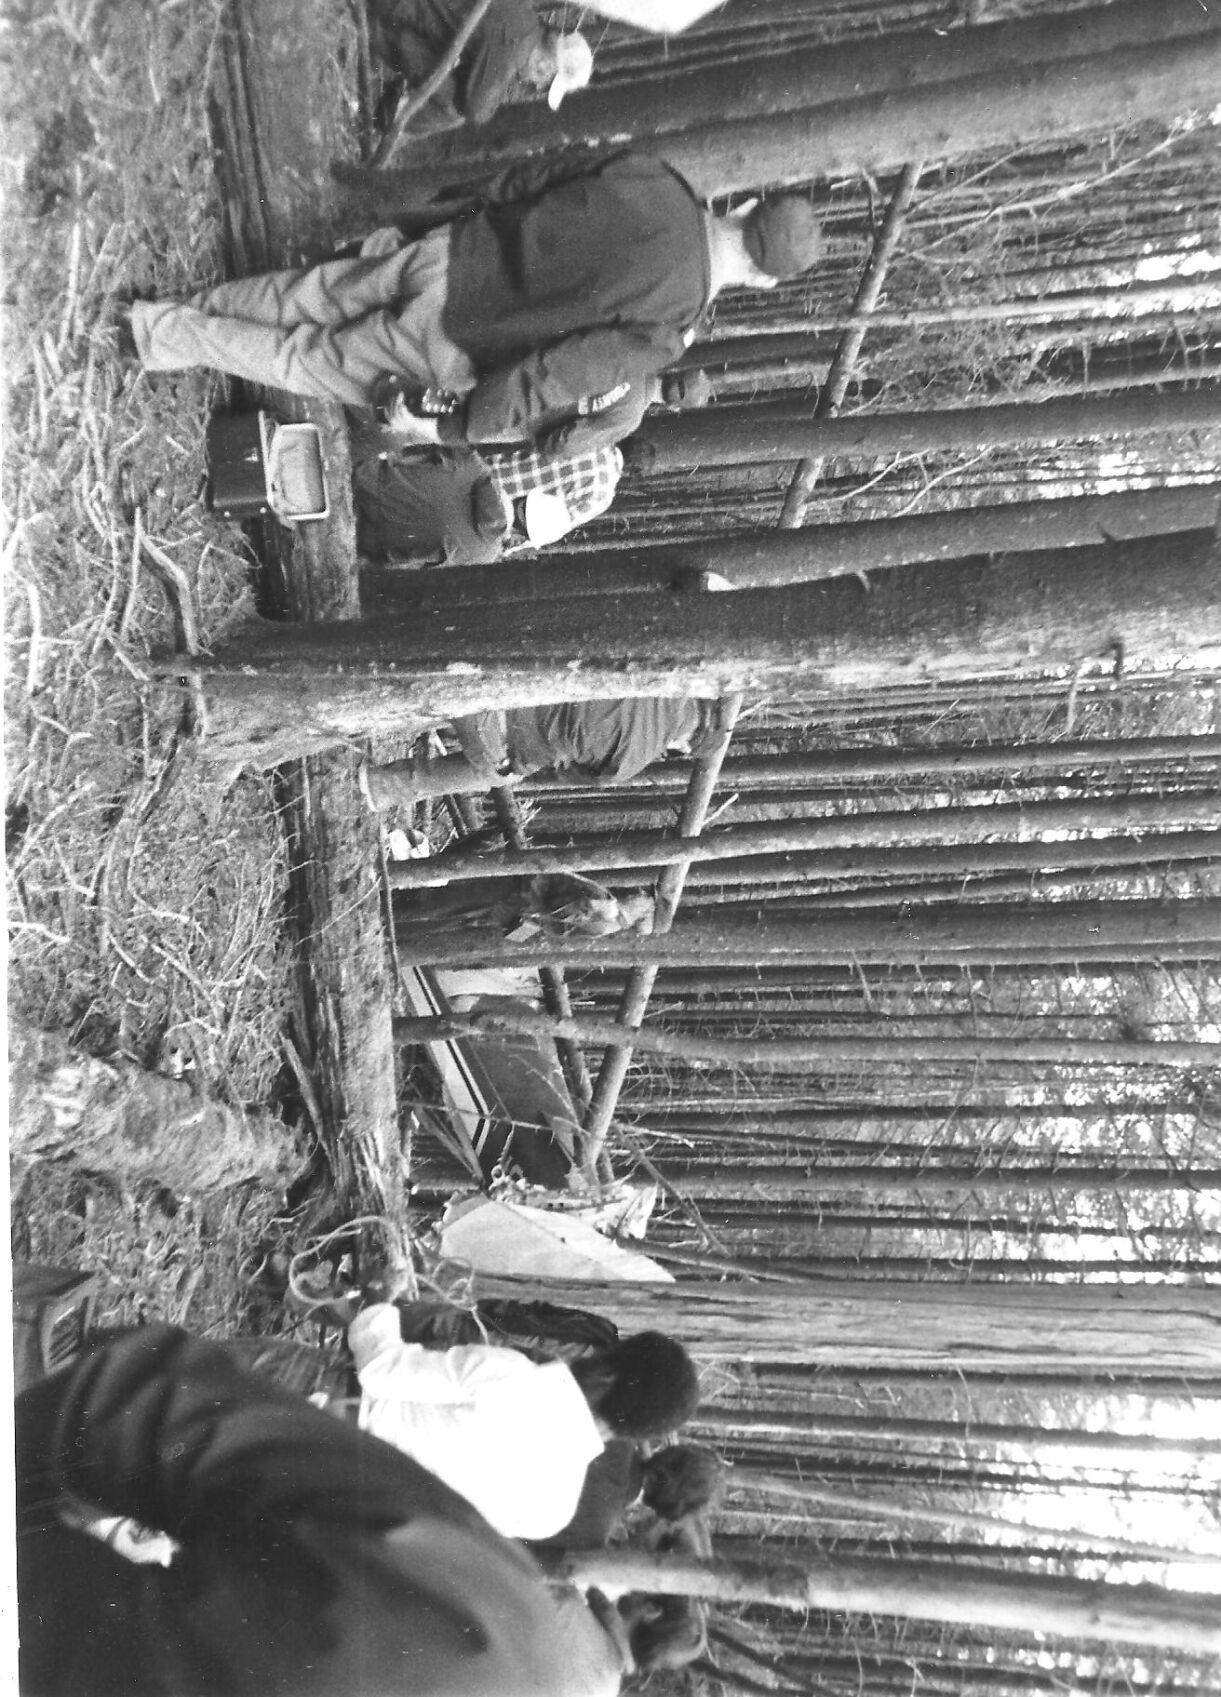 april 21 1980 crash in trees.jpg